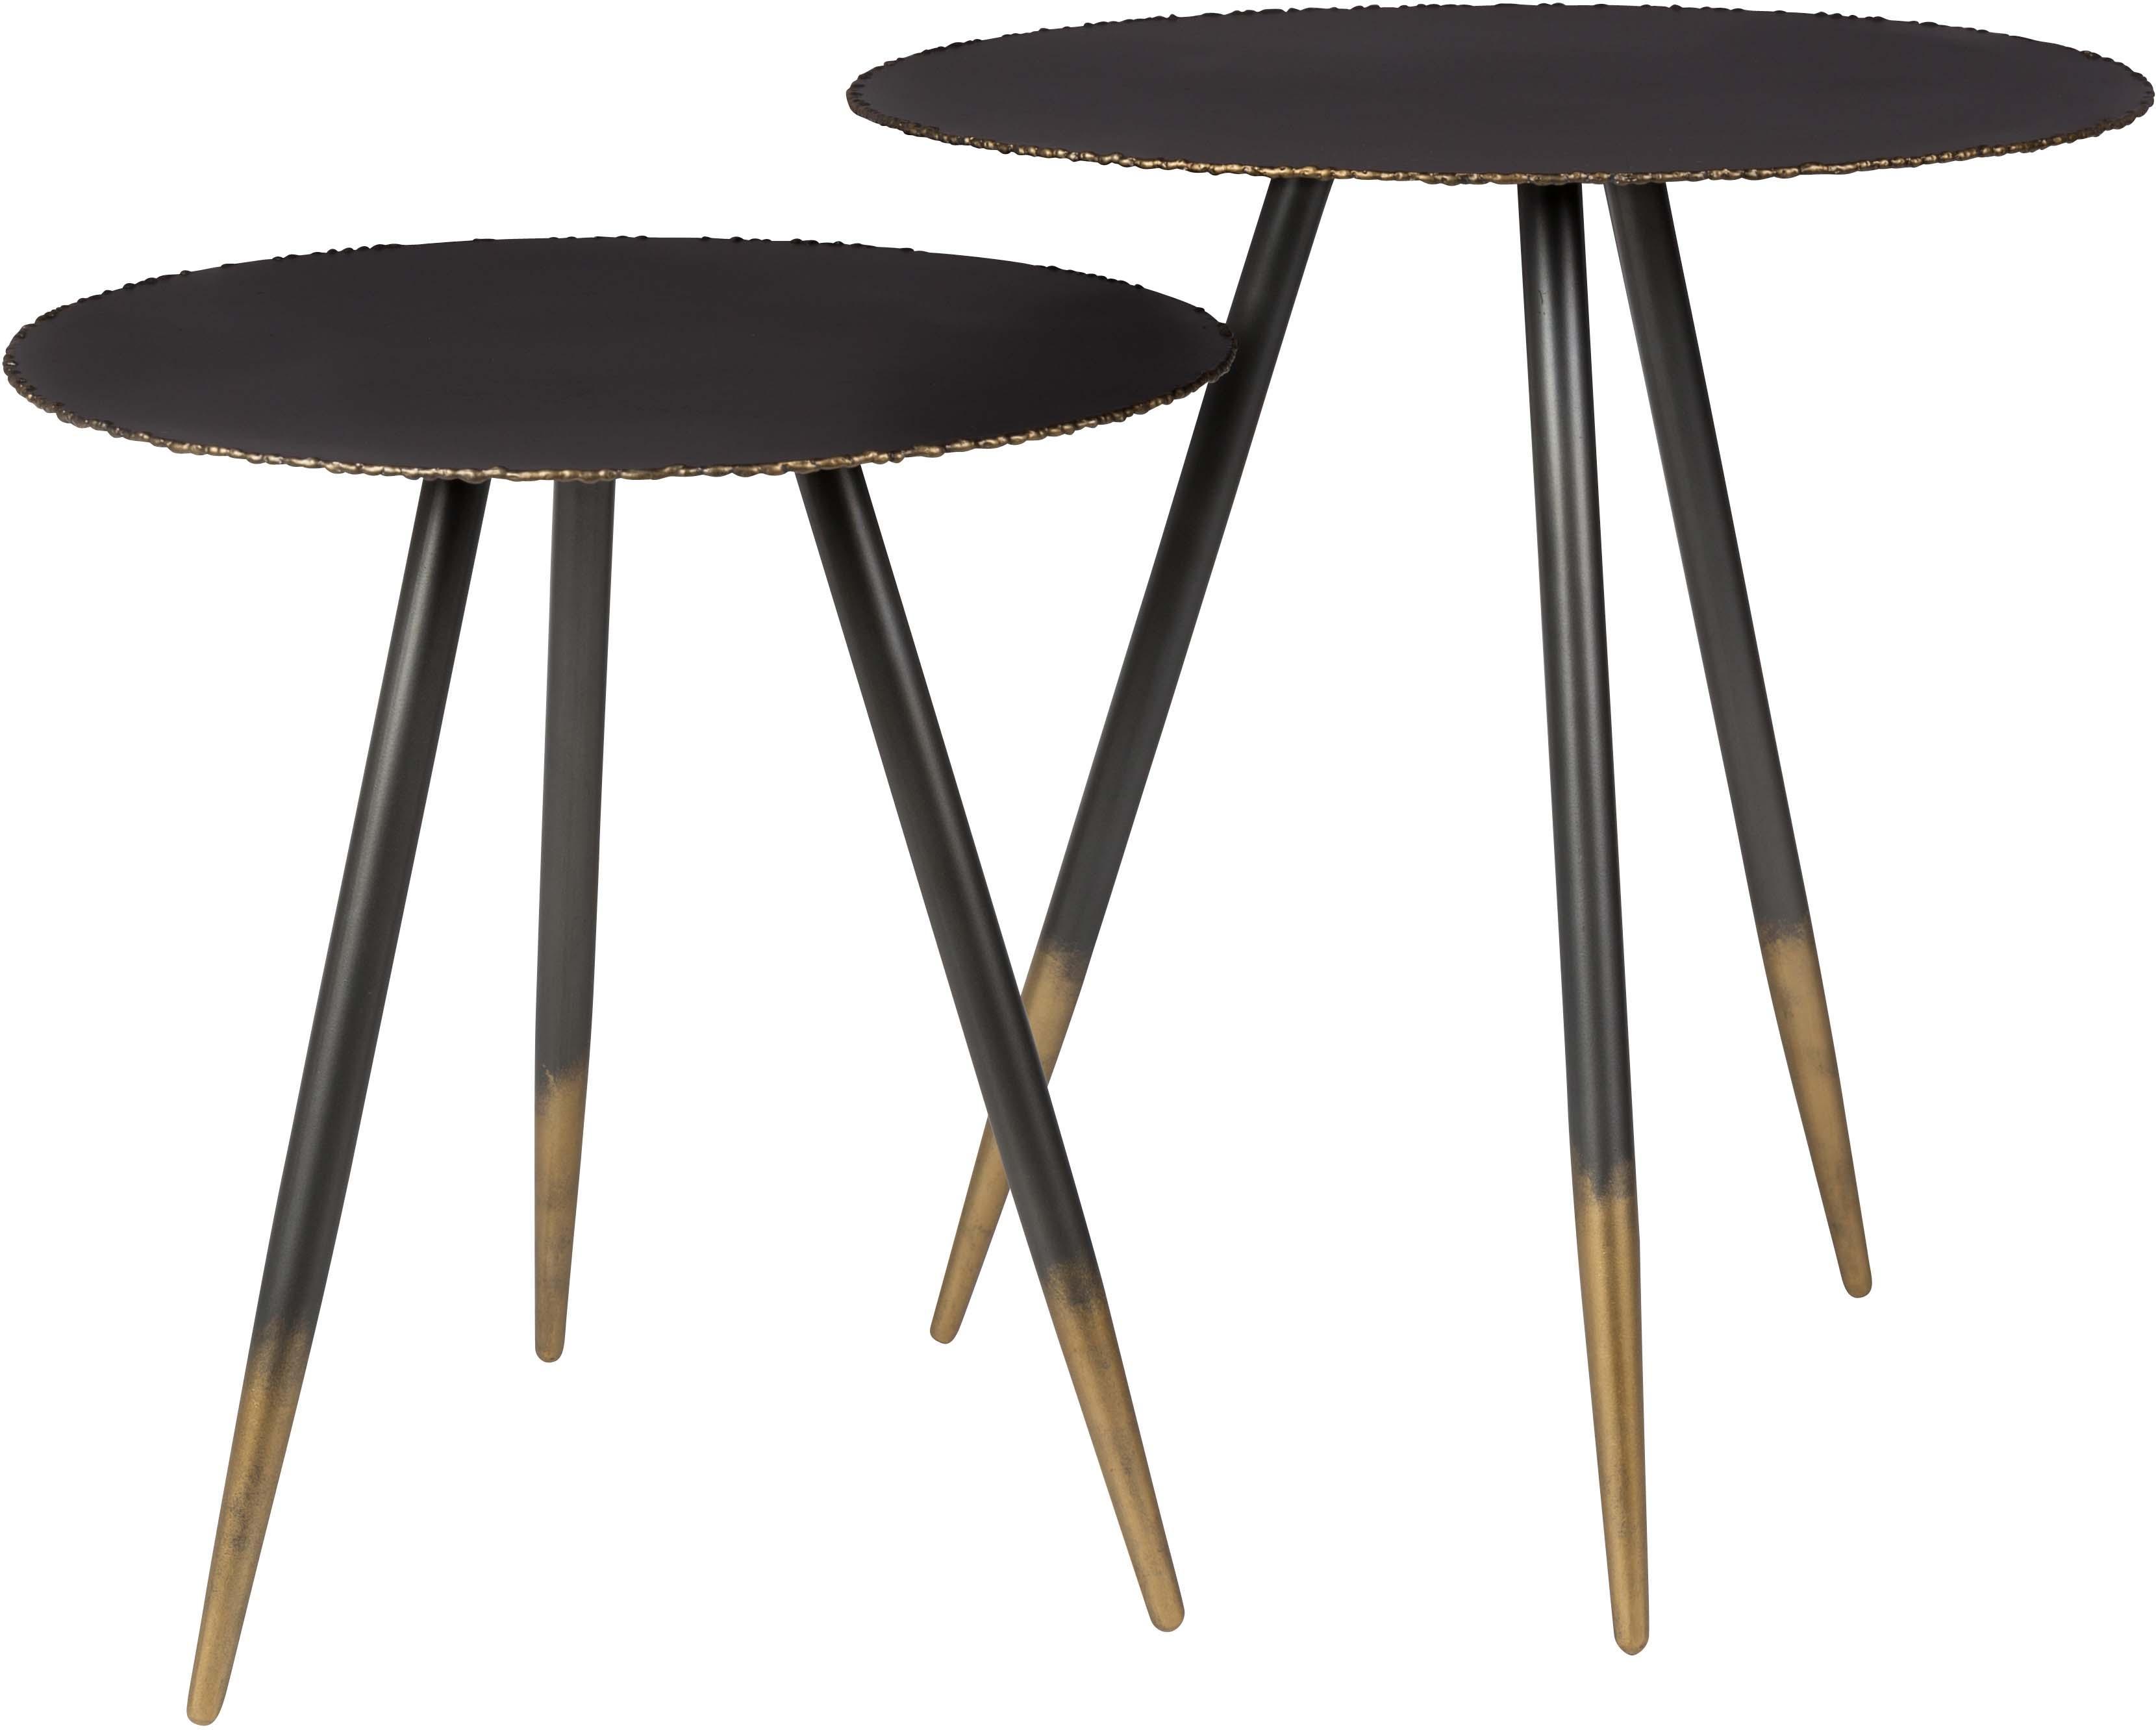 Komplet stolików pomocniczych Stalwart, 2 elem., Czarny, złoty, Różne rozmiary